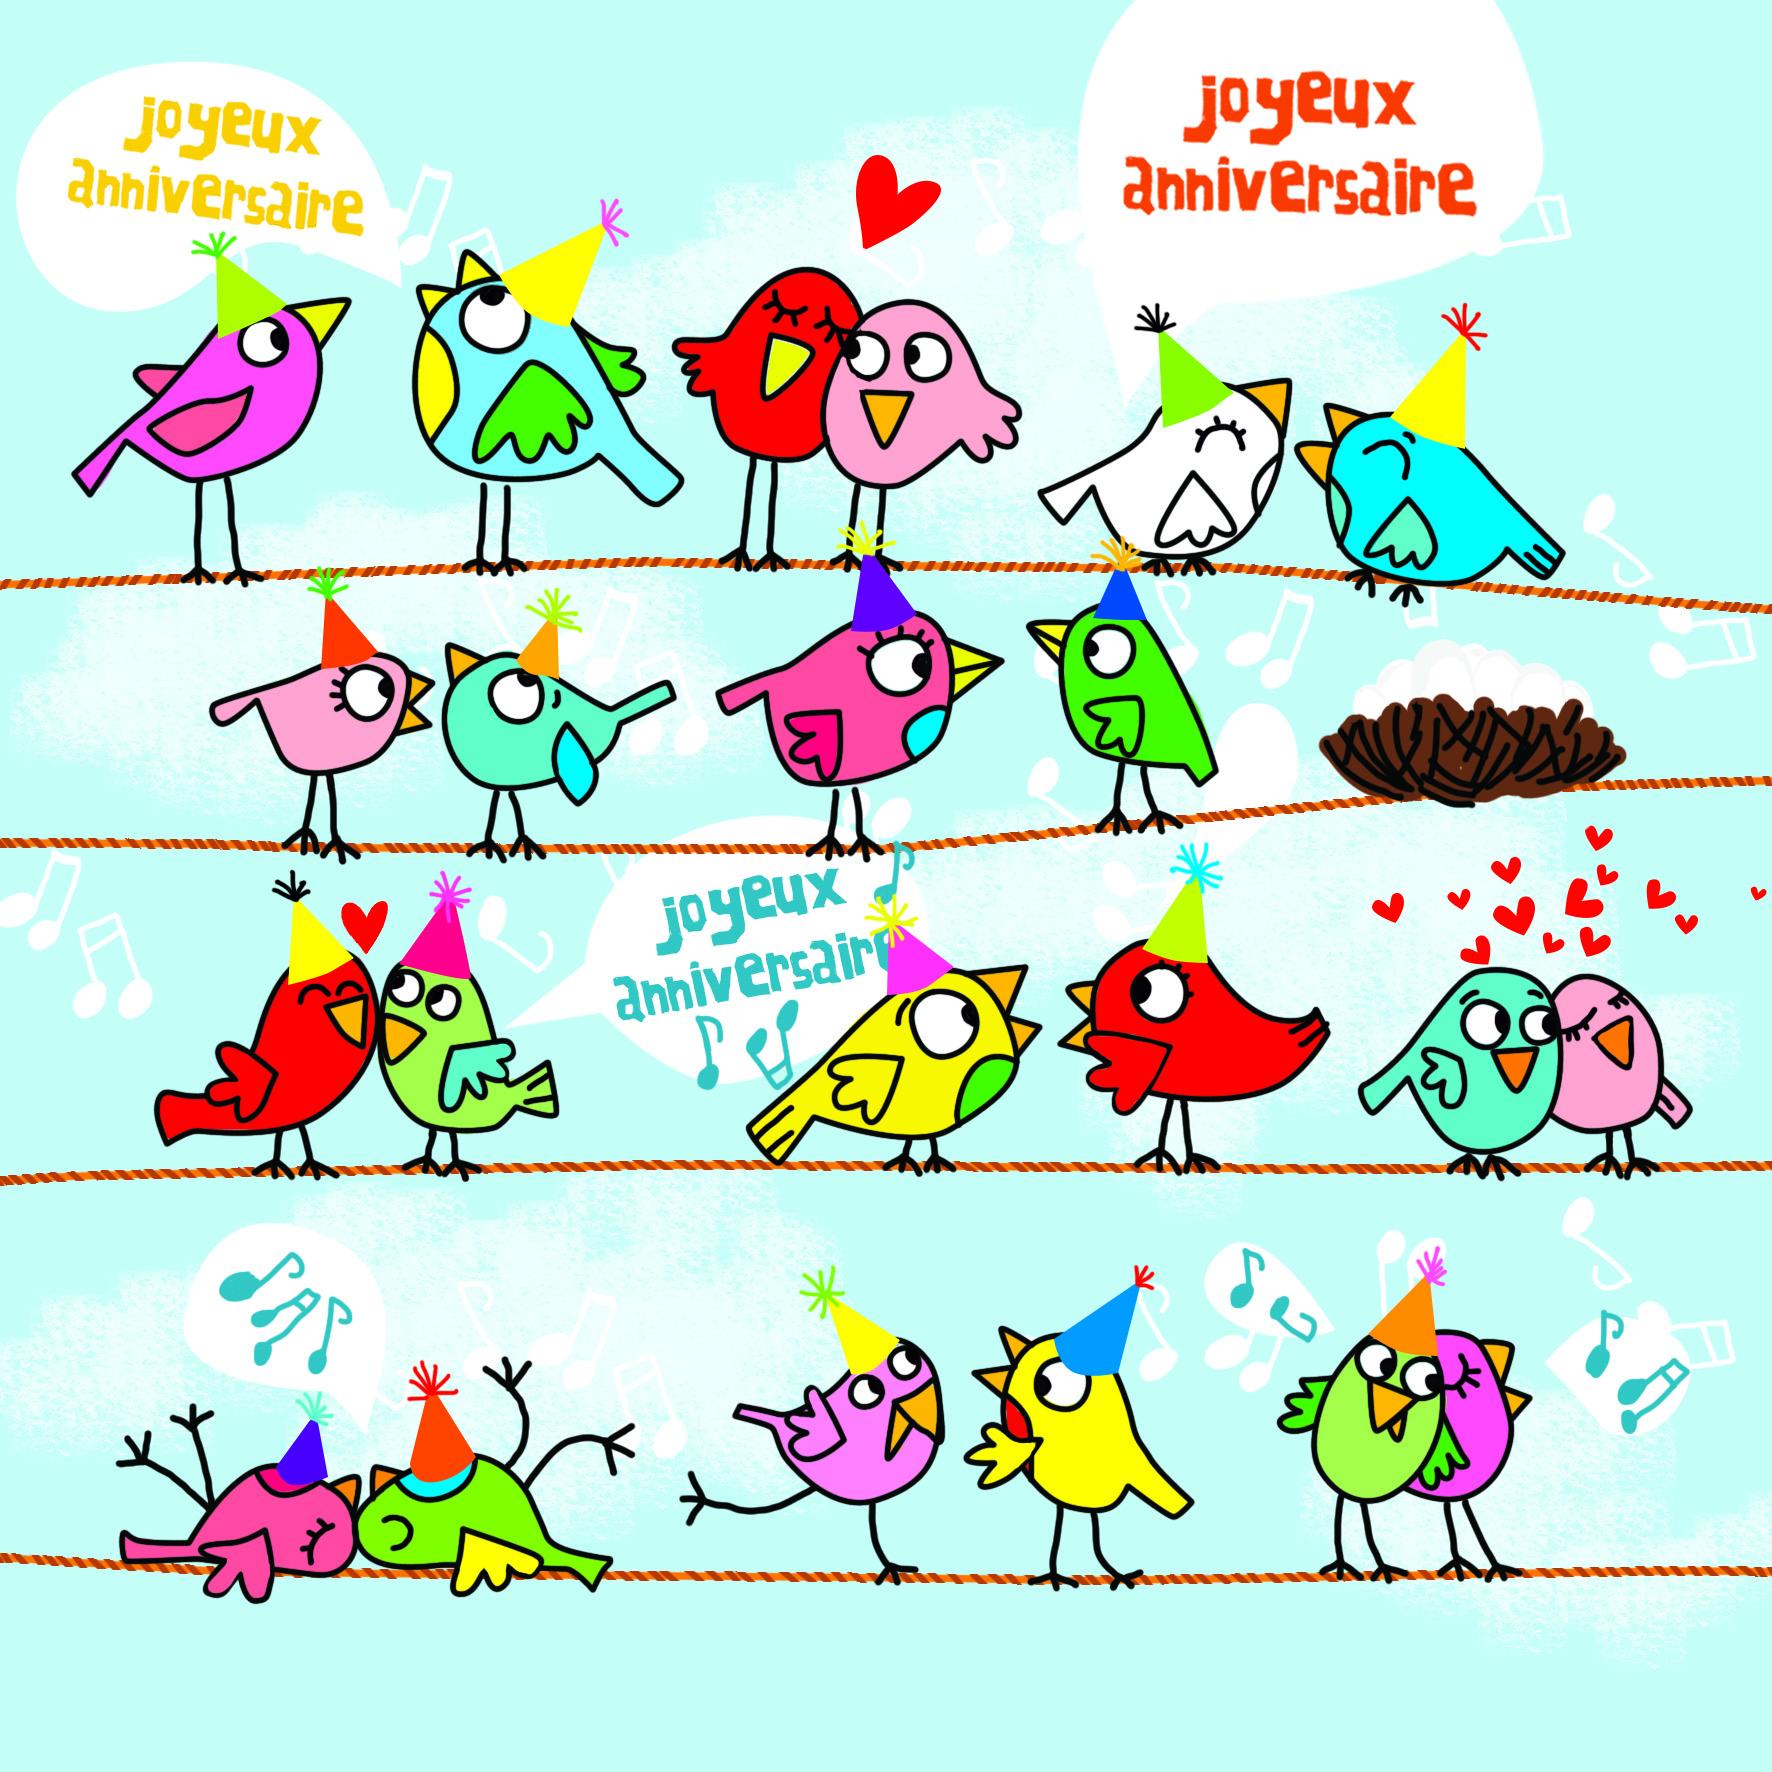 Carte Anniversaire Cecile Drevon Joyeux Anniversaire Editions Cote Bord Eau